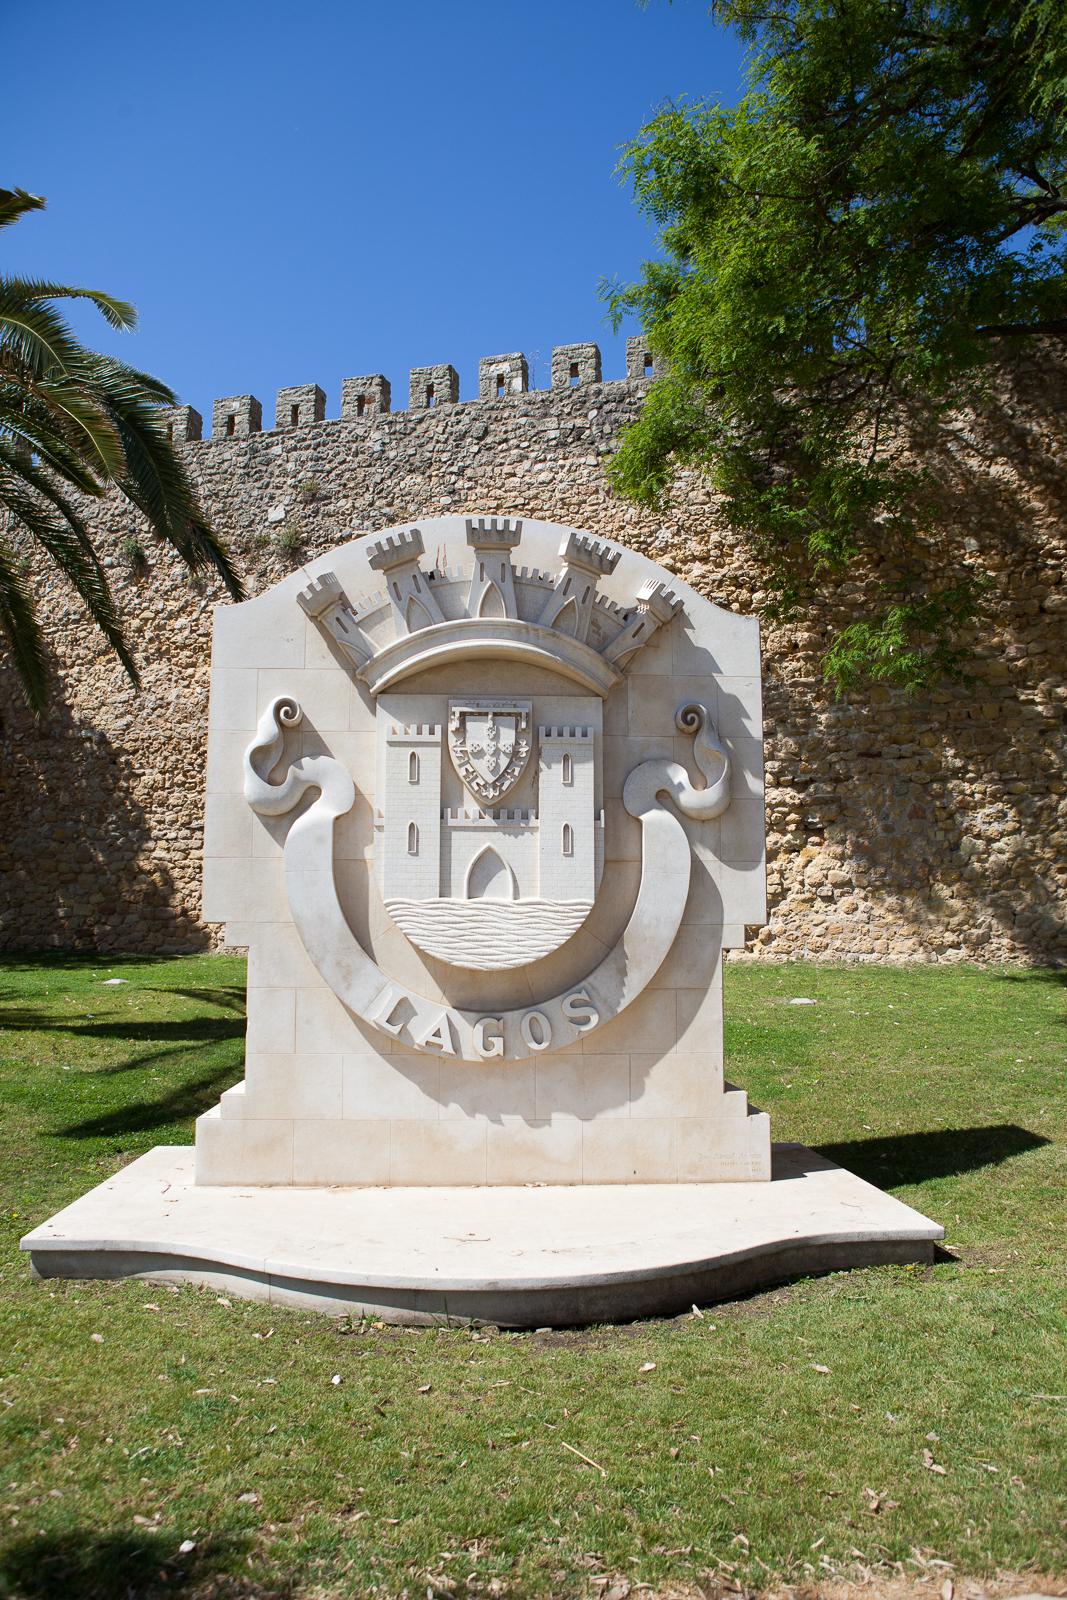 Dag06-Algarve-004-IMG_49437